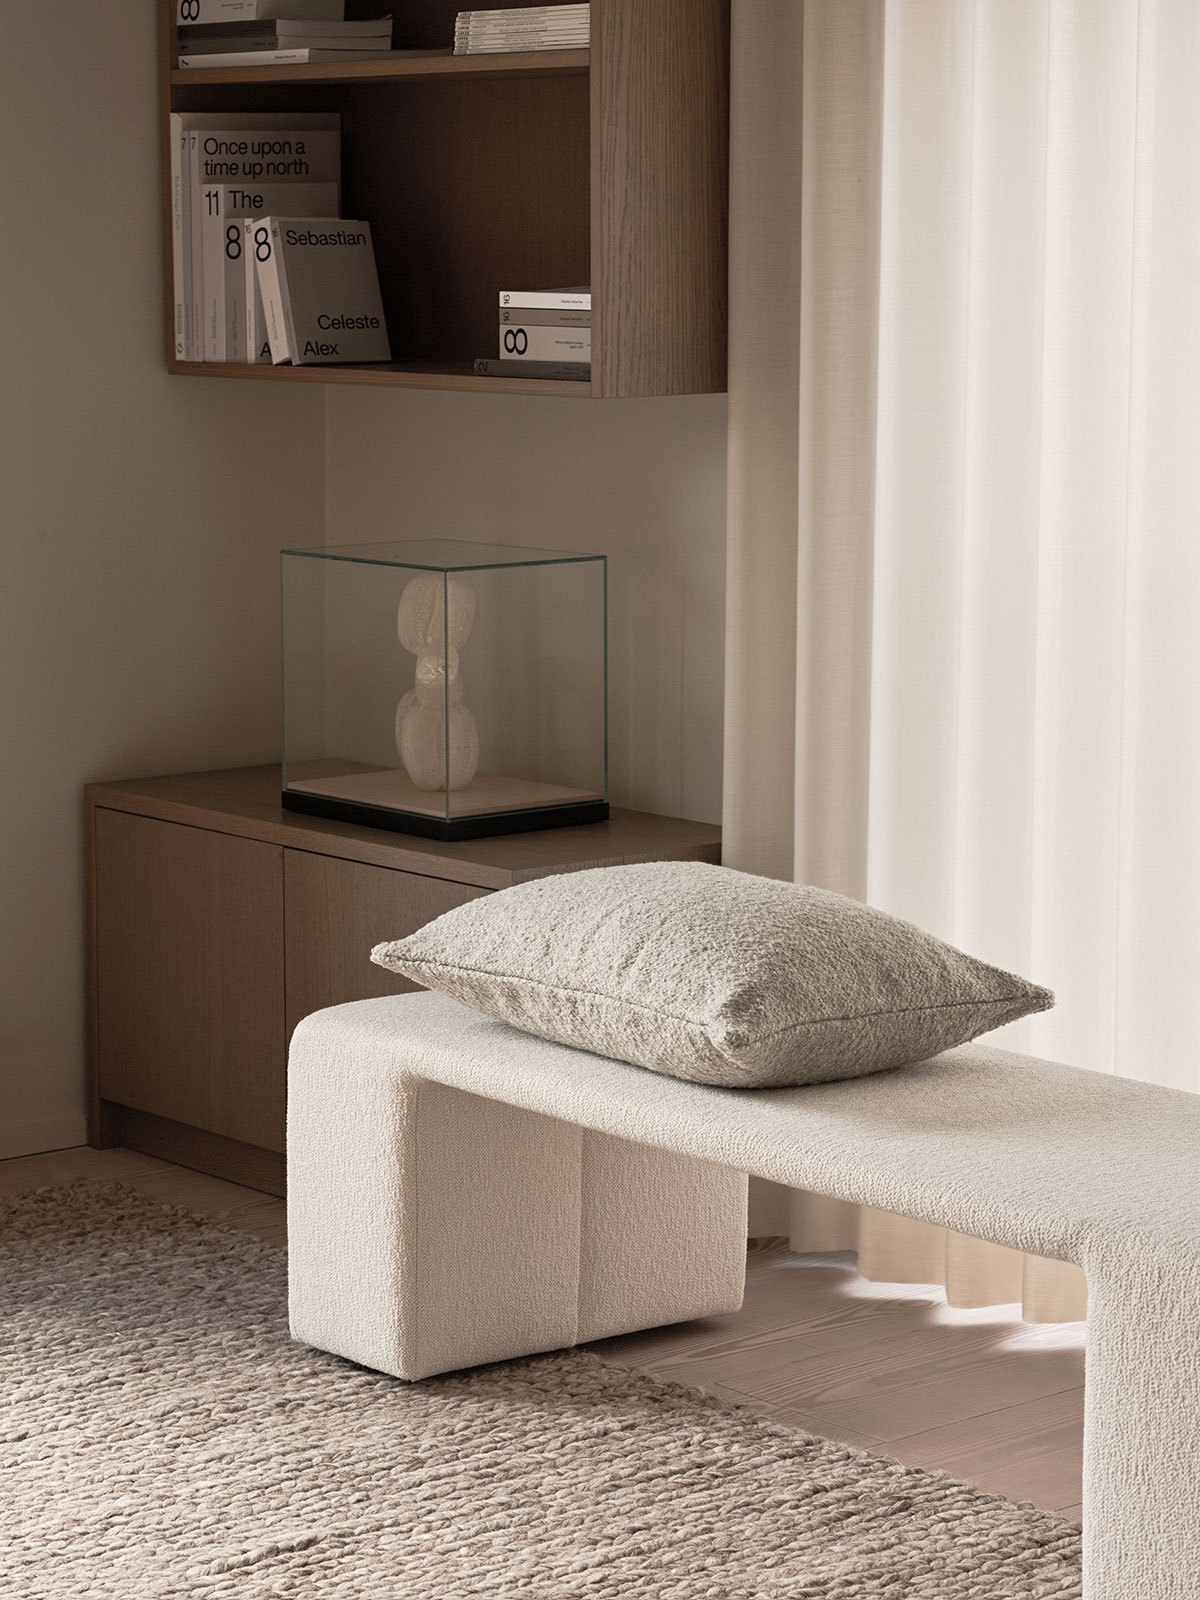 Мягкие и экологичные вдохновения в новой коллекции мебели от Lotta Agaton и Layered